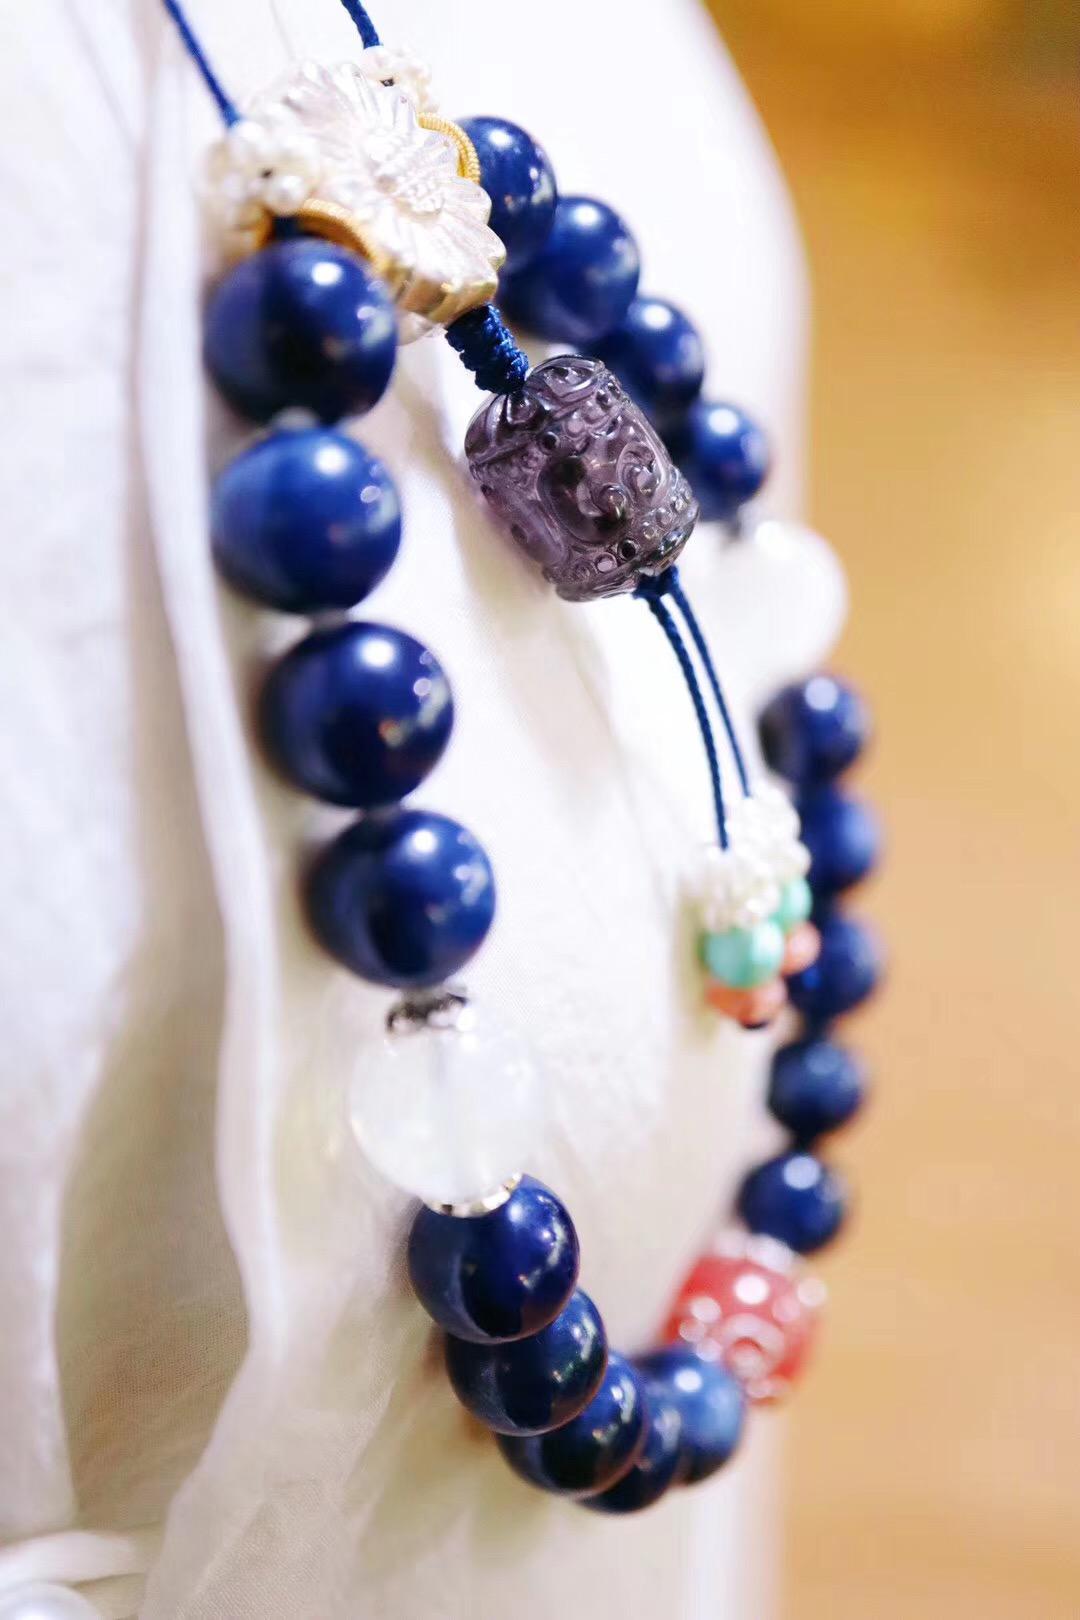 【菩心-蓝宝石&十八子】 一串蓝宝石十八子,你能否参破?-菩心晶舍